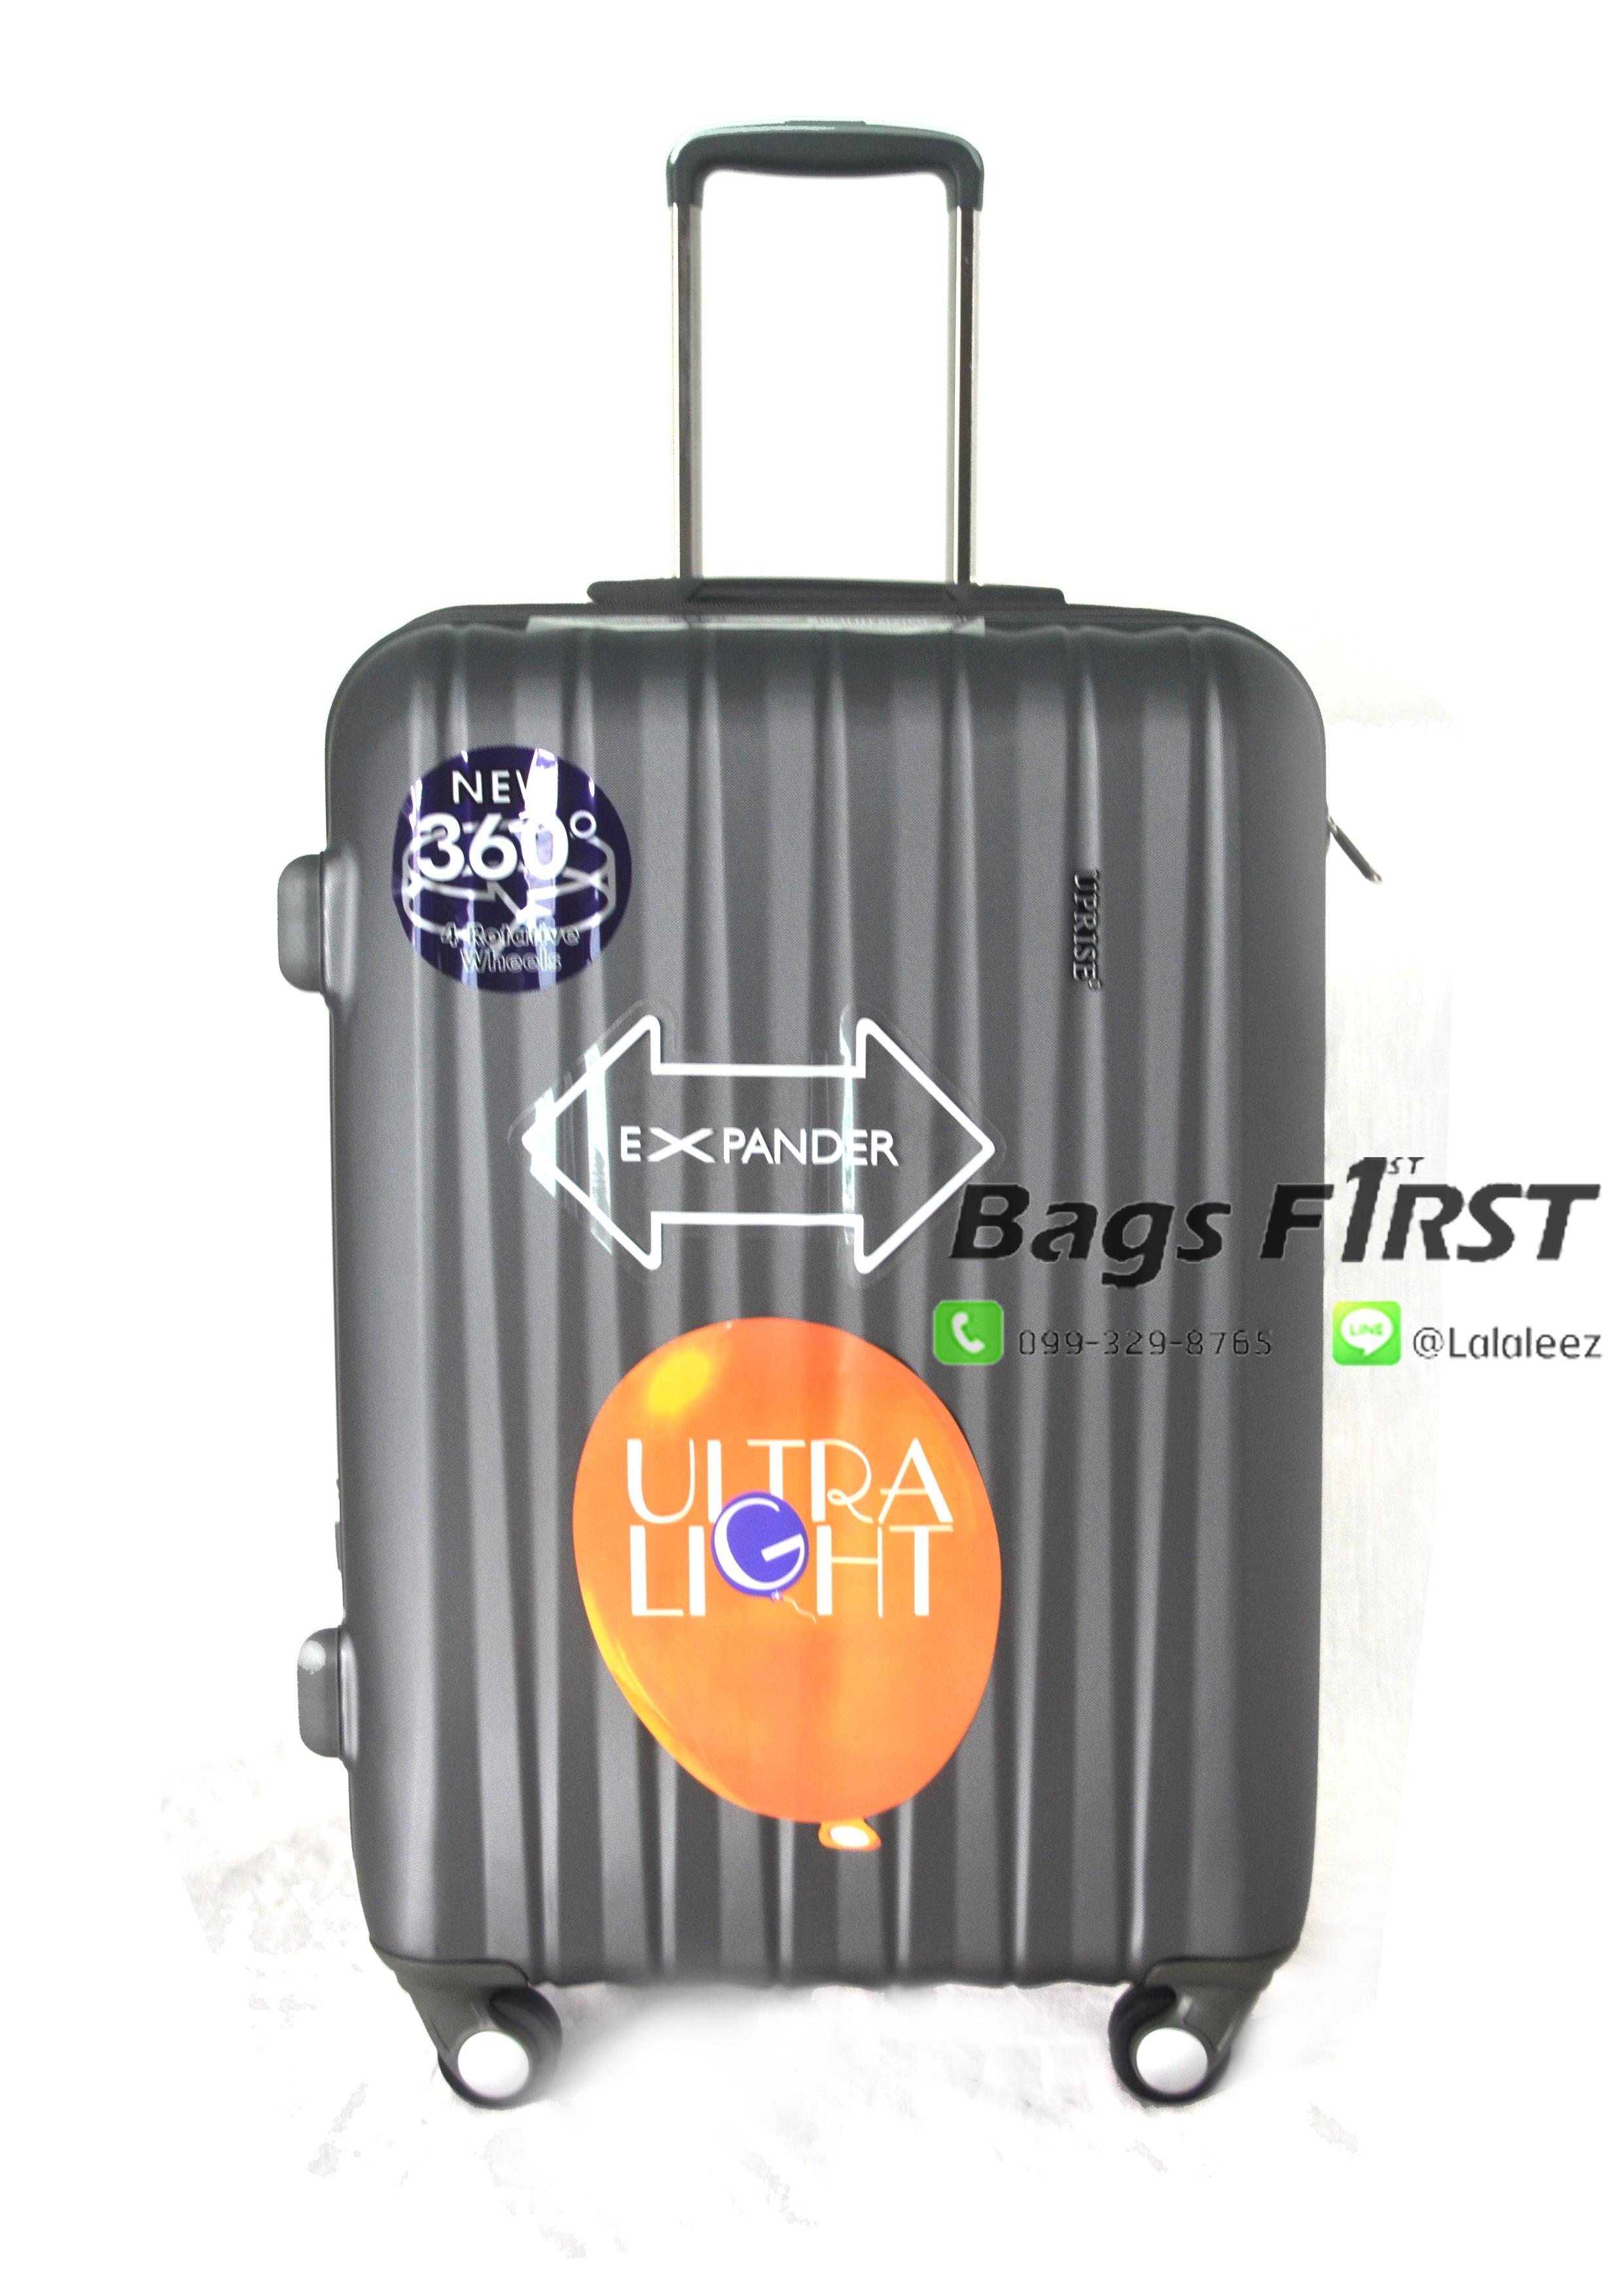 กระเป๋าเดินทางเนื้อไฟเบอร์ สีเทาเข้ม ขนาด 20 นิ้ว